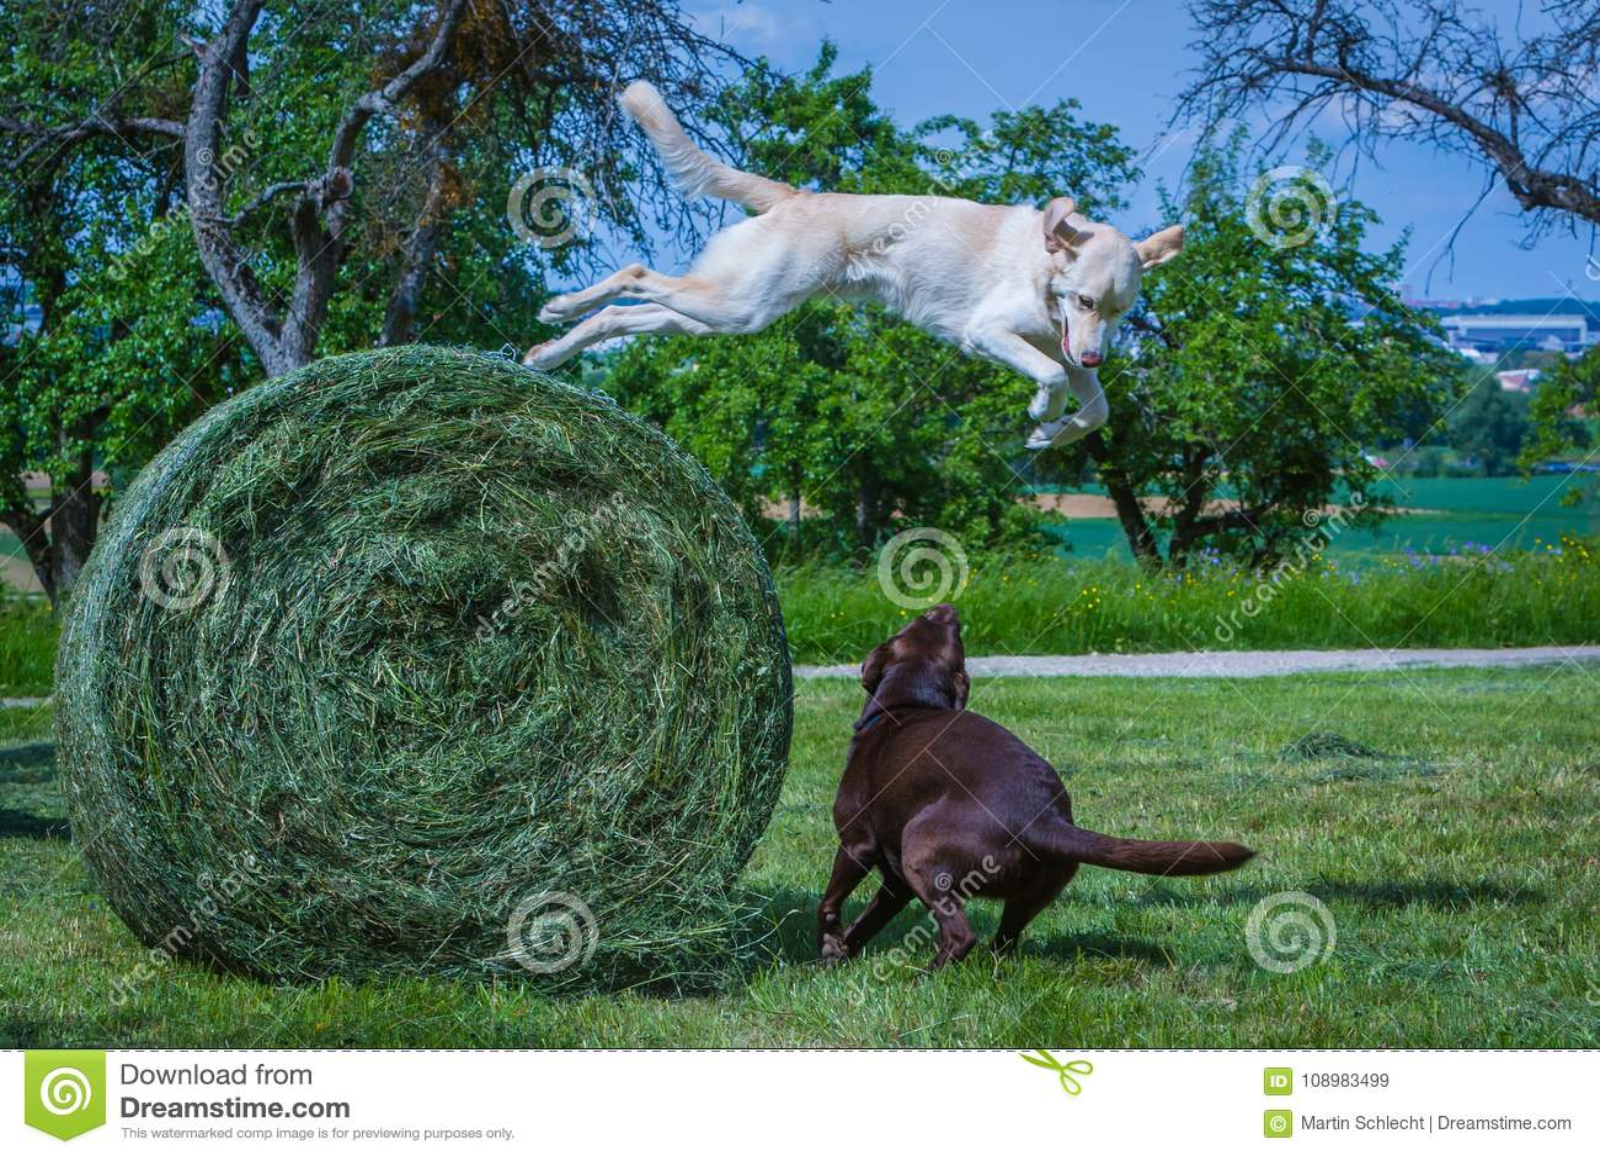 Hondsprongen van een lange hey bal